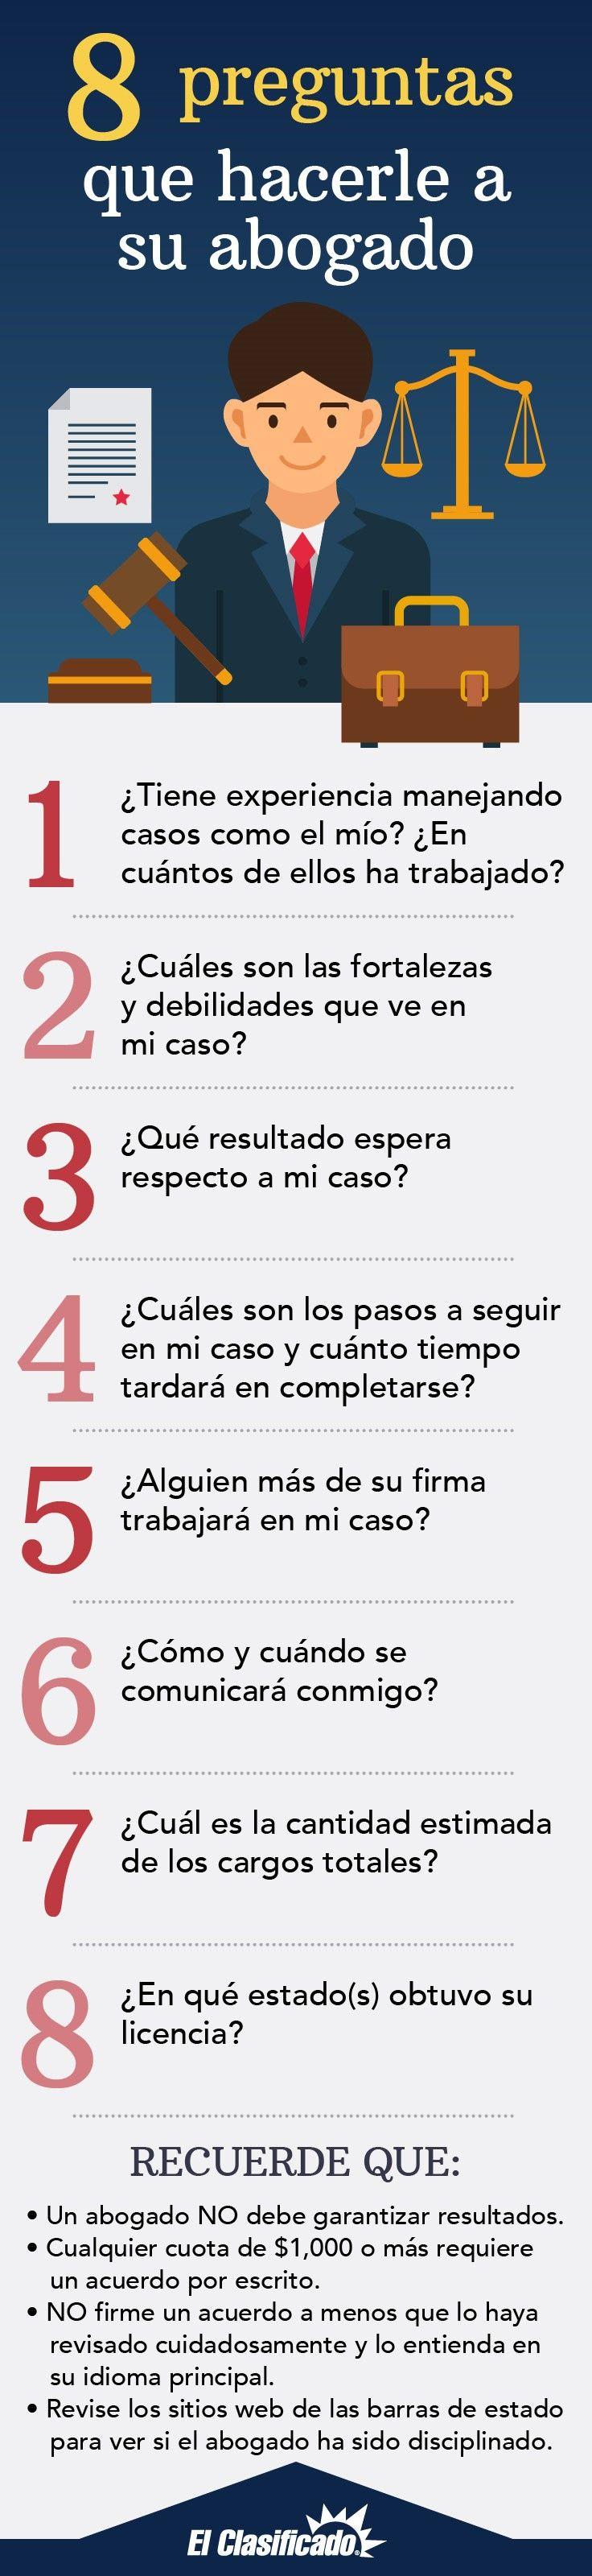 23 best Empleos y Educación images on Pinterest | Empleos, Latina y ...